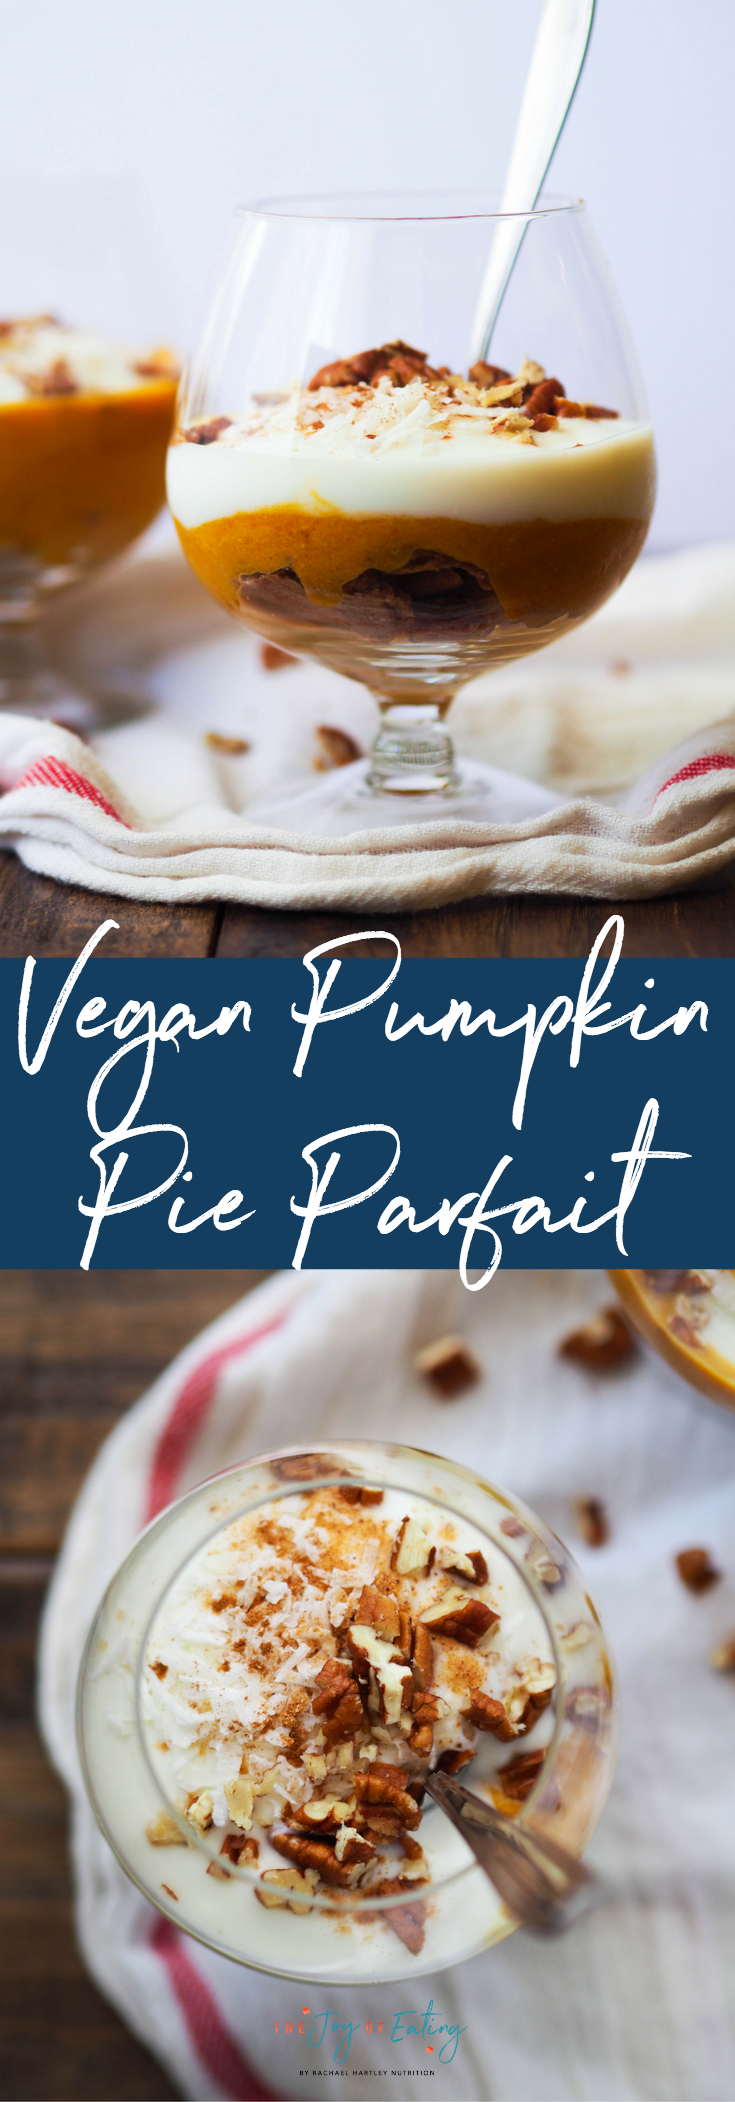 vegan pumpkin pie parfait.png